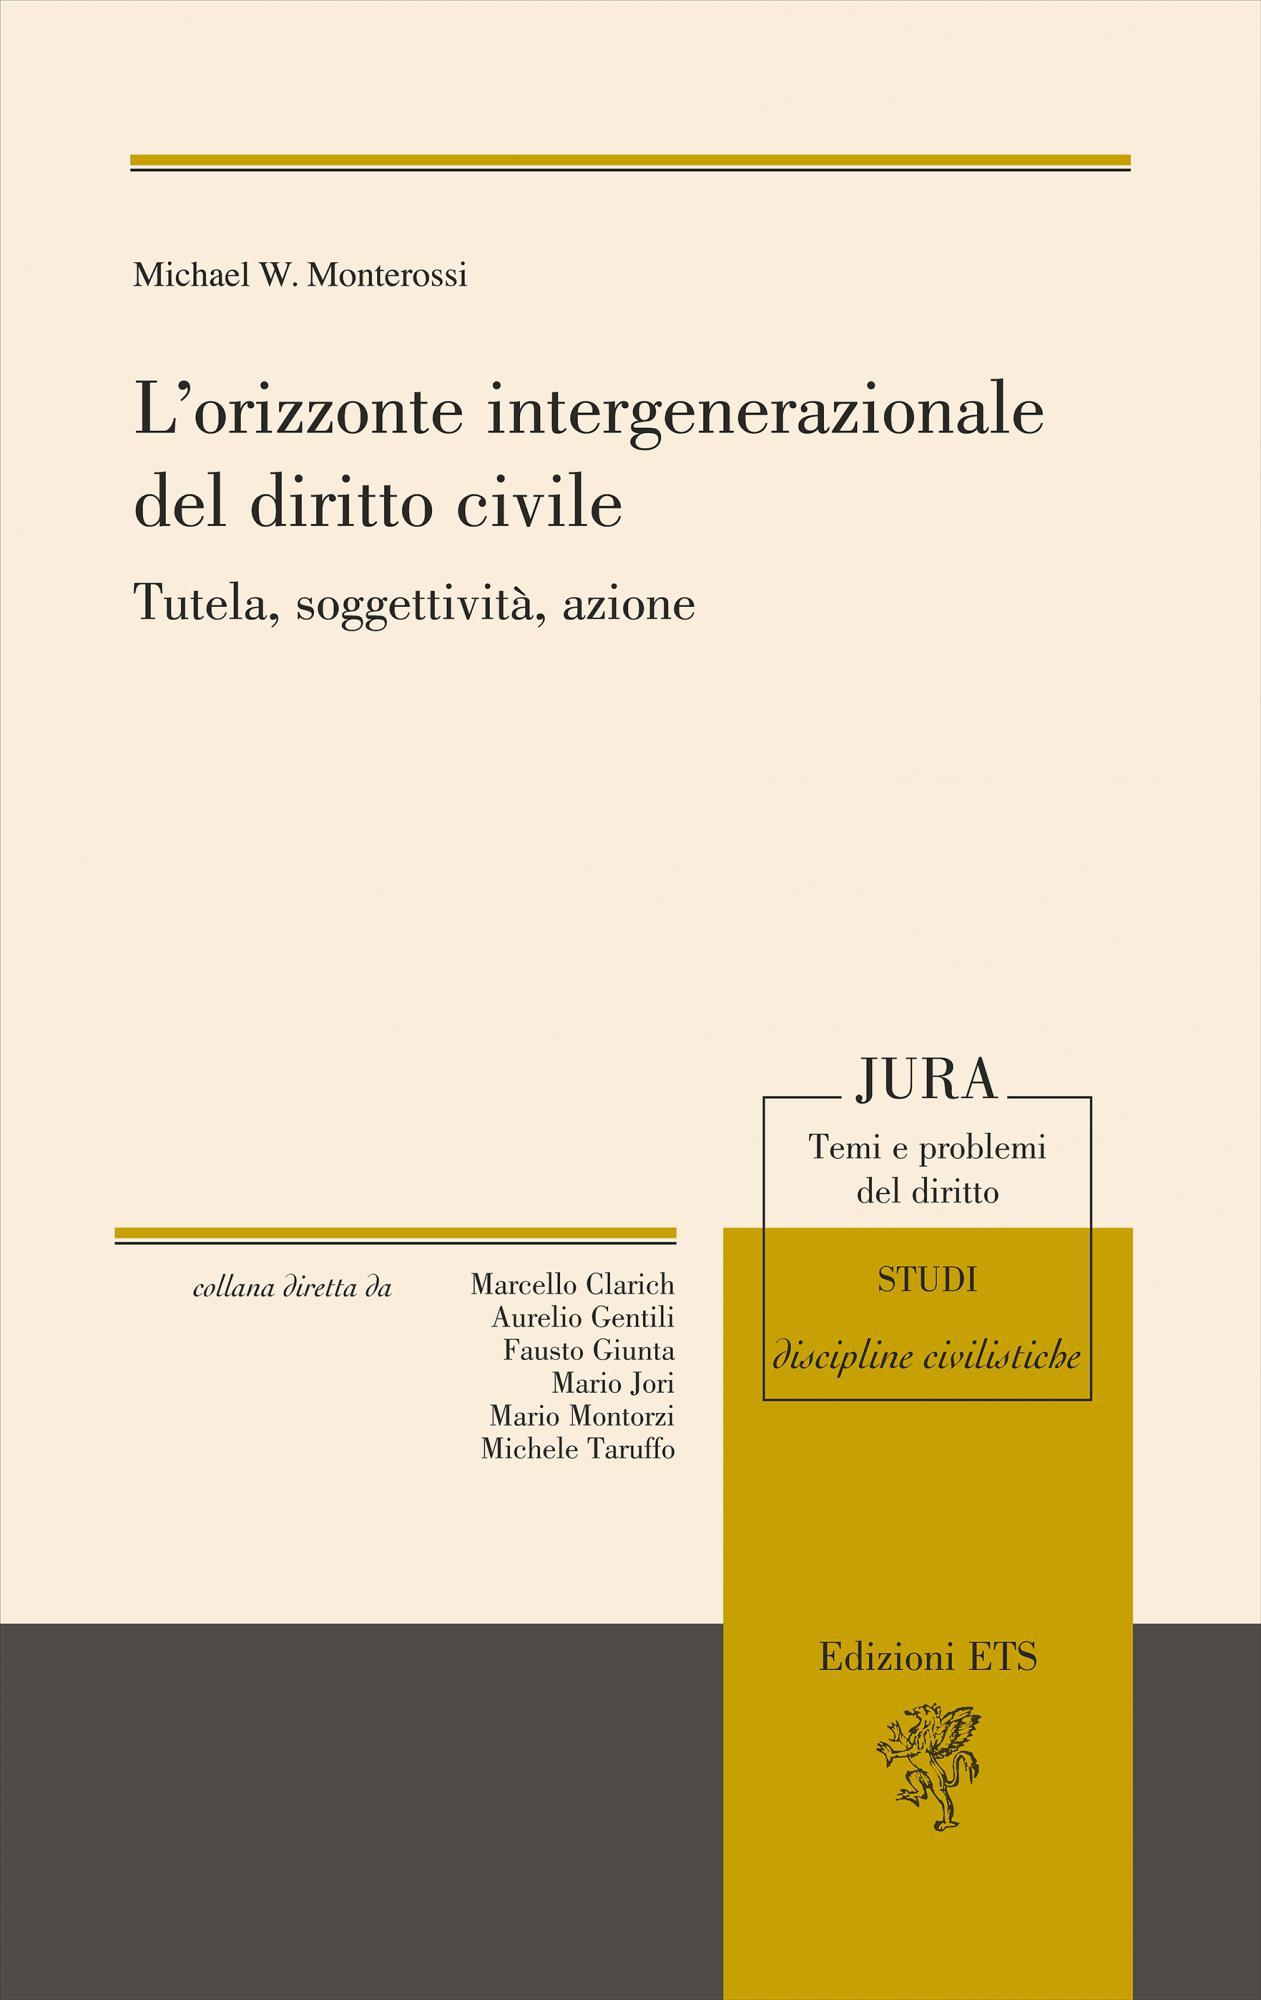 L'orizzonte intergenerazionale del diritto civile.Tutela, soggettività, azione